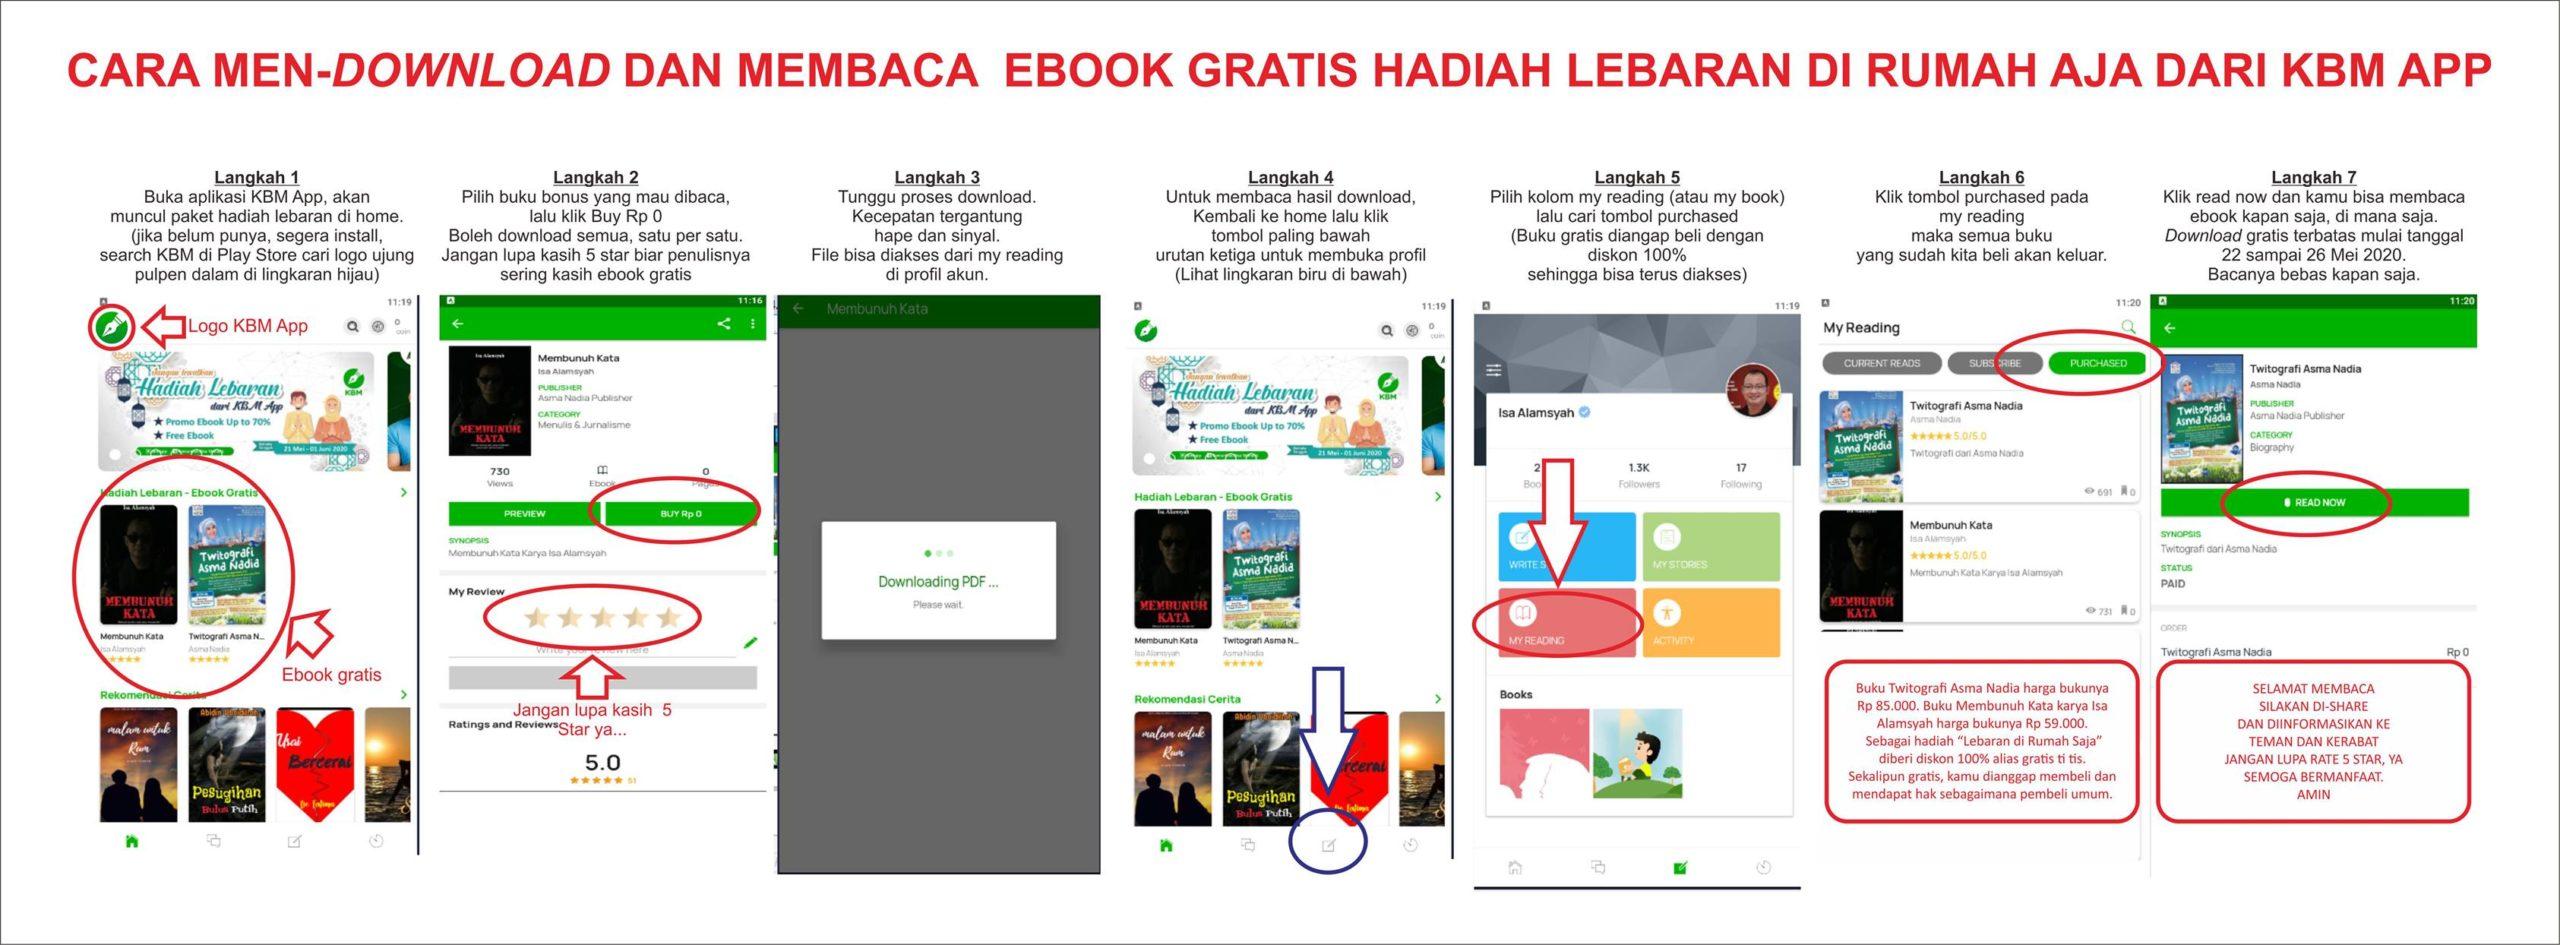 Komunitas Bisa Menulis Ebook Gratis